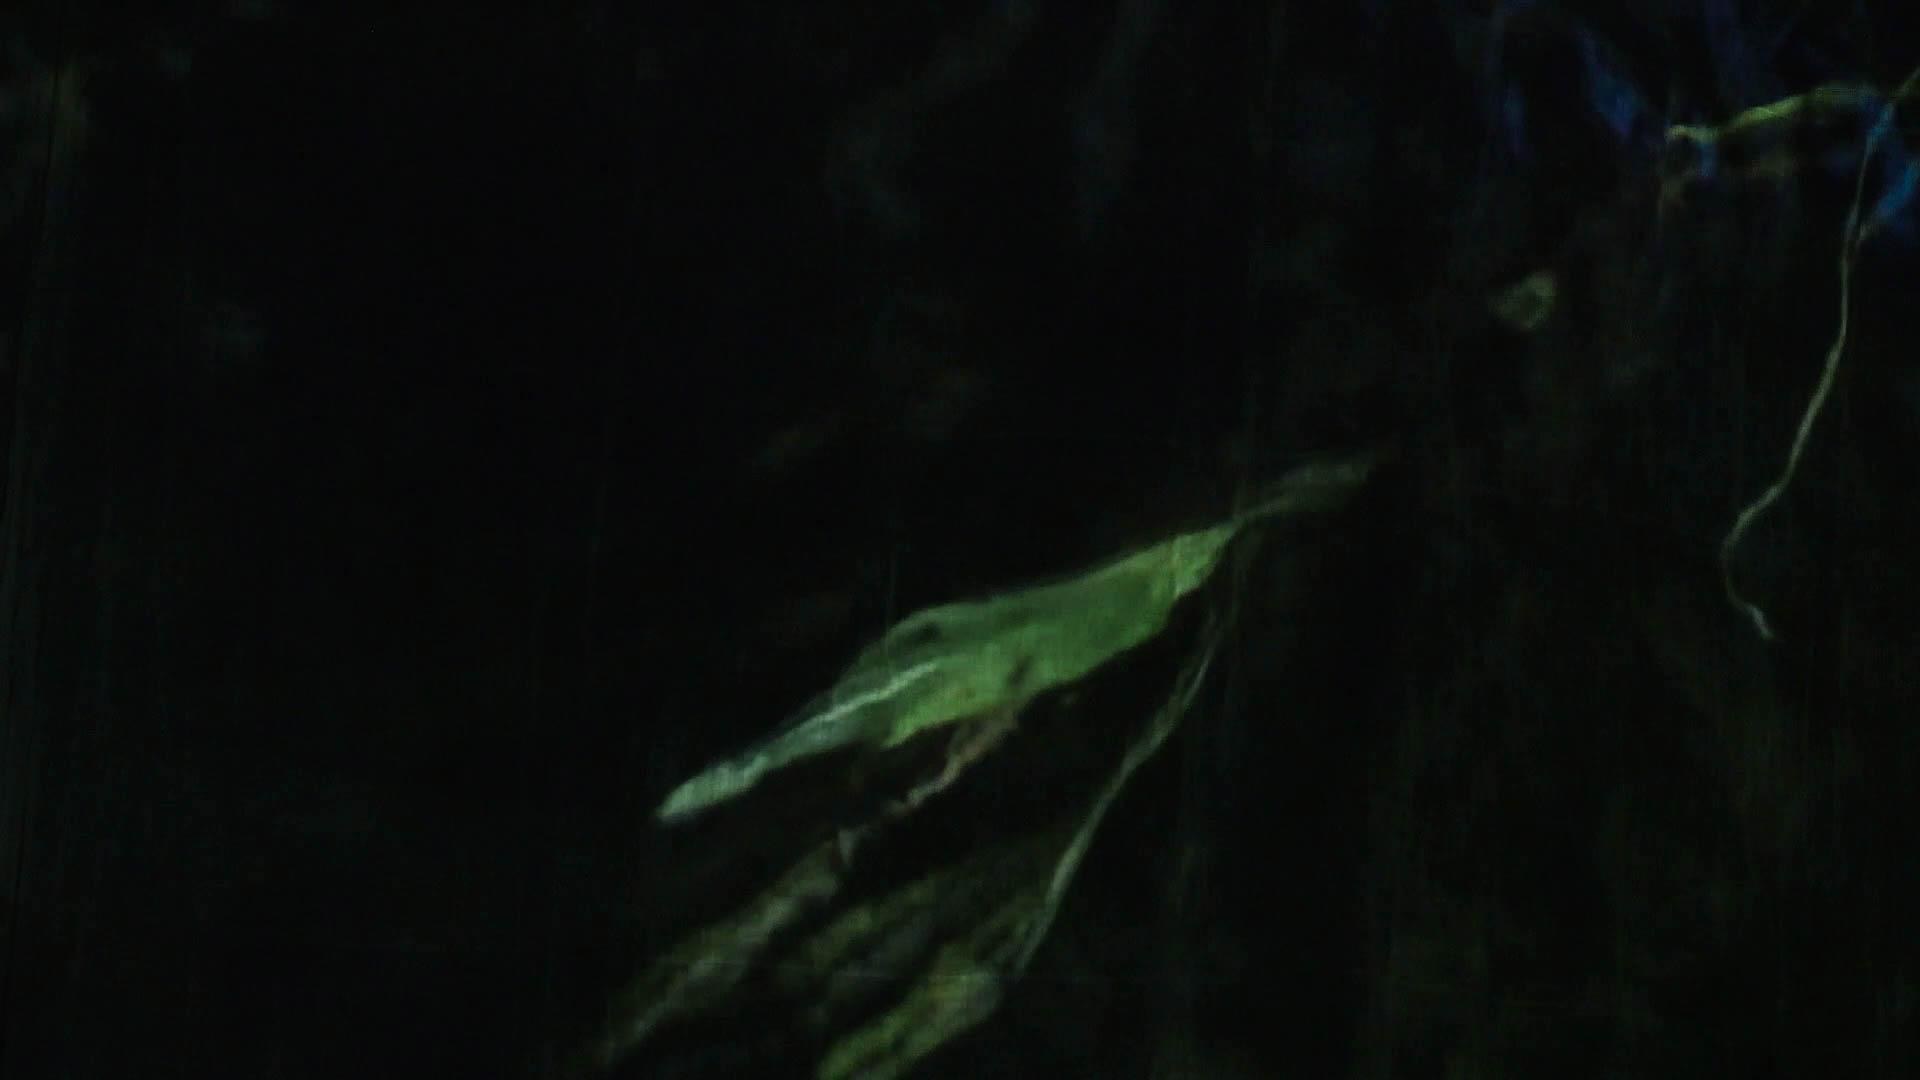 vlcsnap-2018-07-16-15h04m50s998.jpg